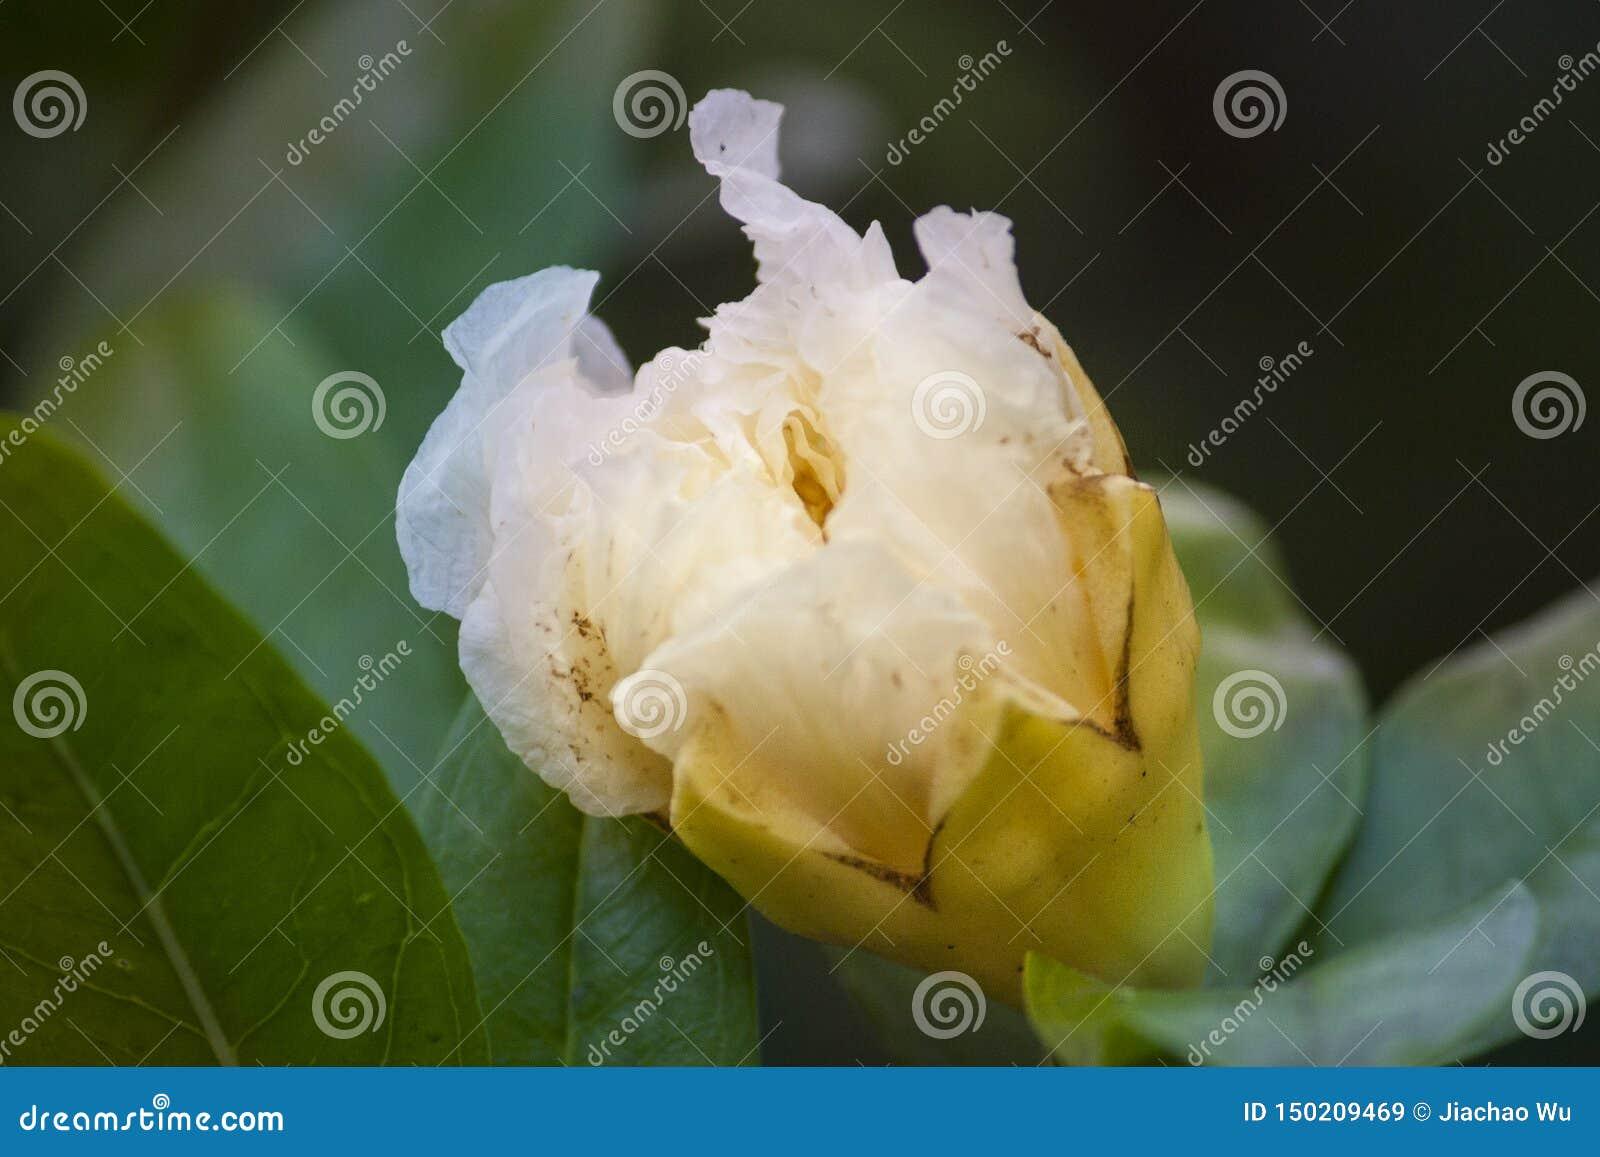 Άσπρα λουλούδια, διαφανή άσπρα λουλούδια, hd λουλούδια